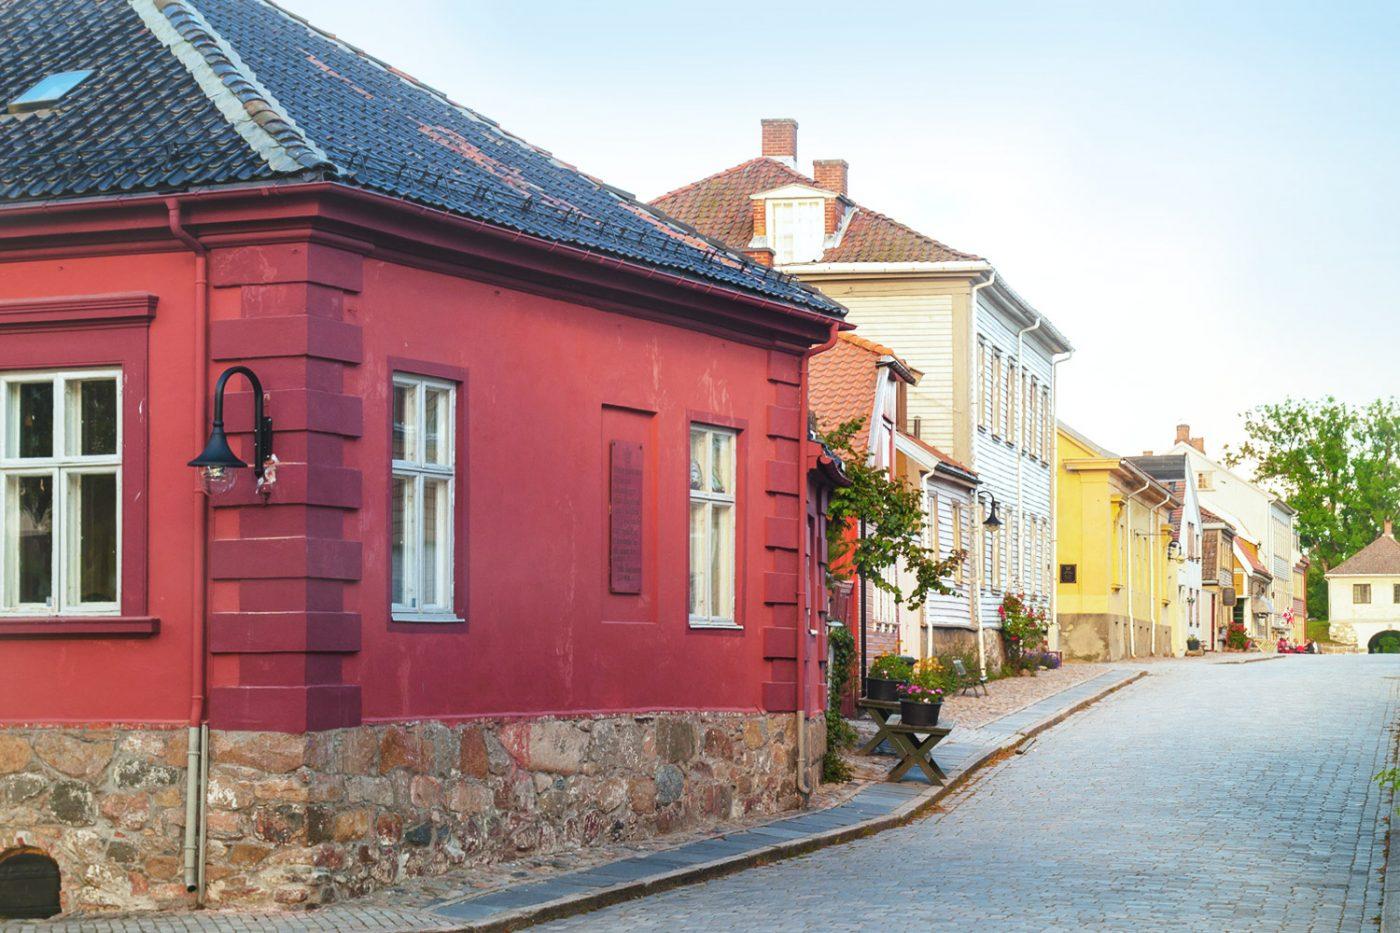 Bunter Häuser in eine kleinen Kopfsteinpflaster-Straße in Fredrikstad.